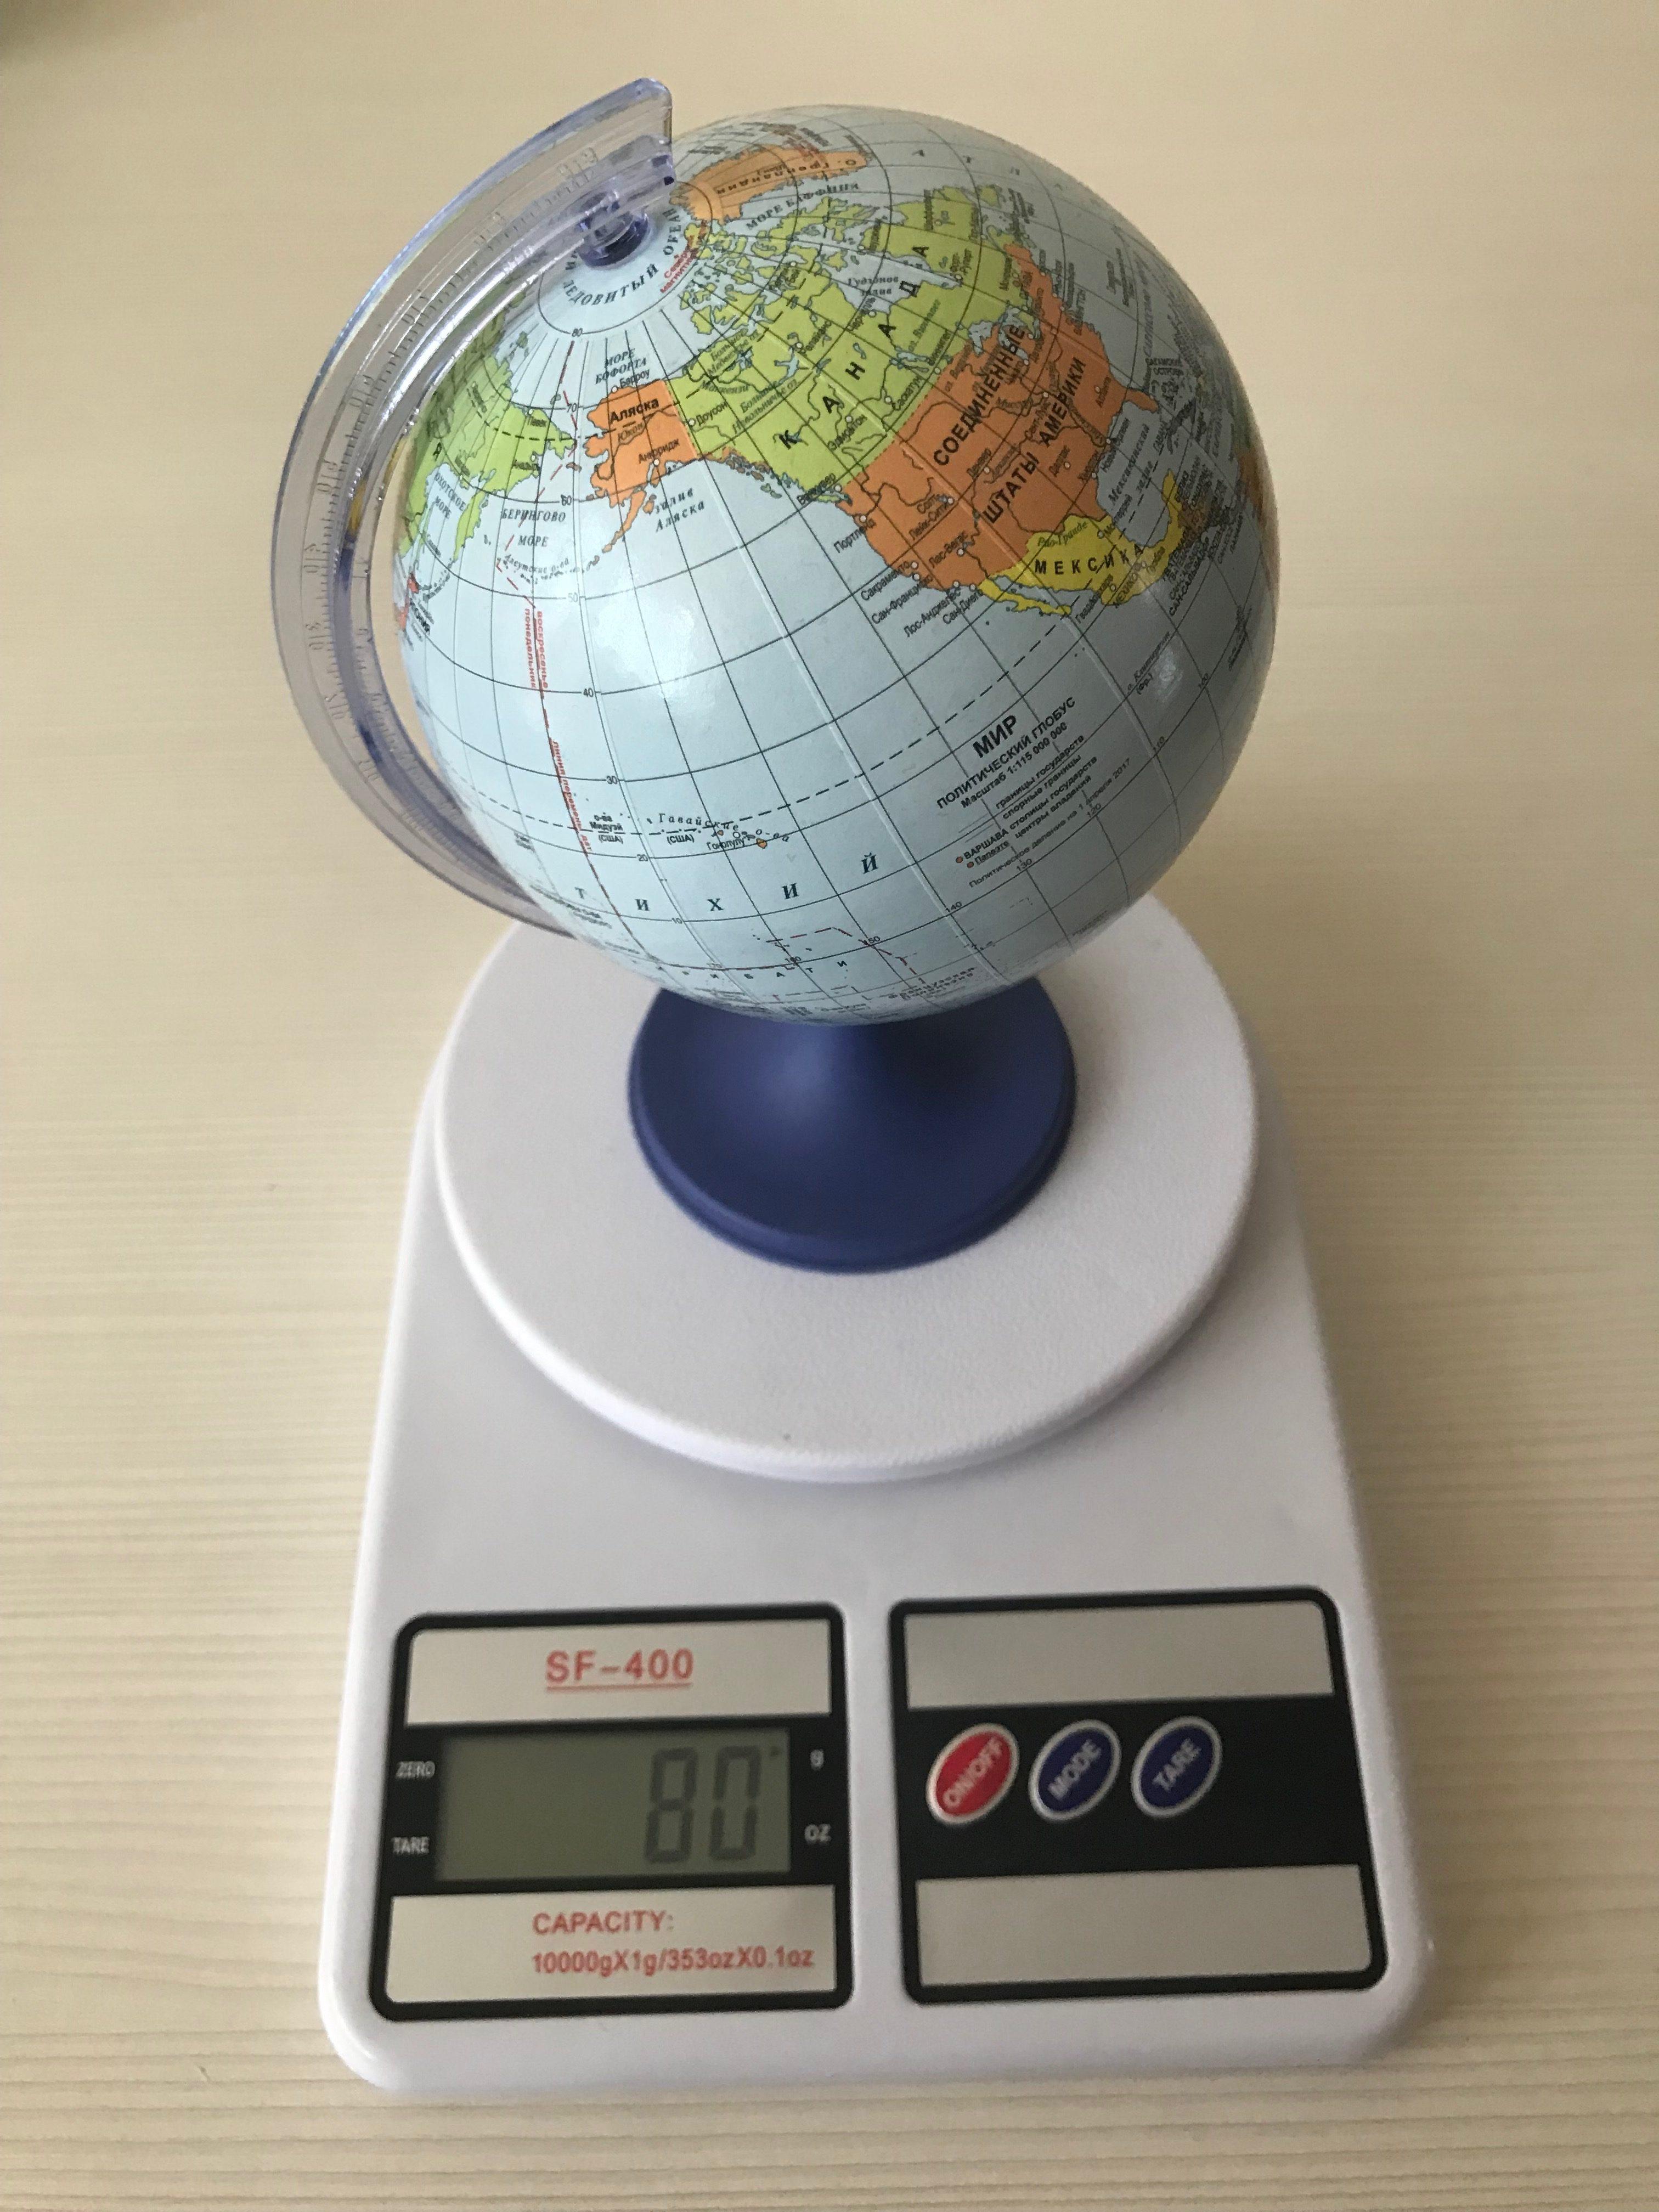 вес глобуса (пластиковый, среднего размера)